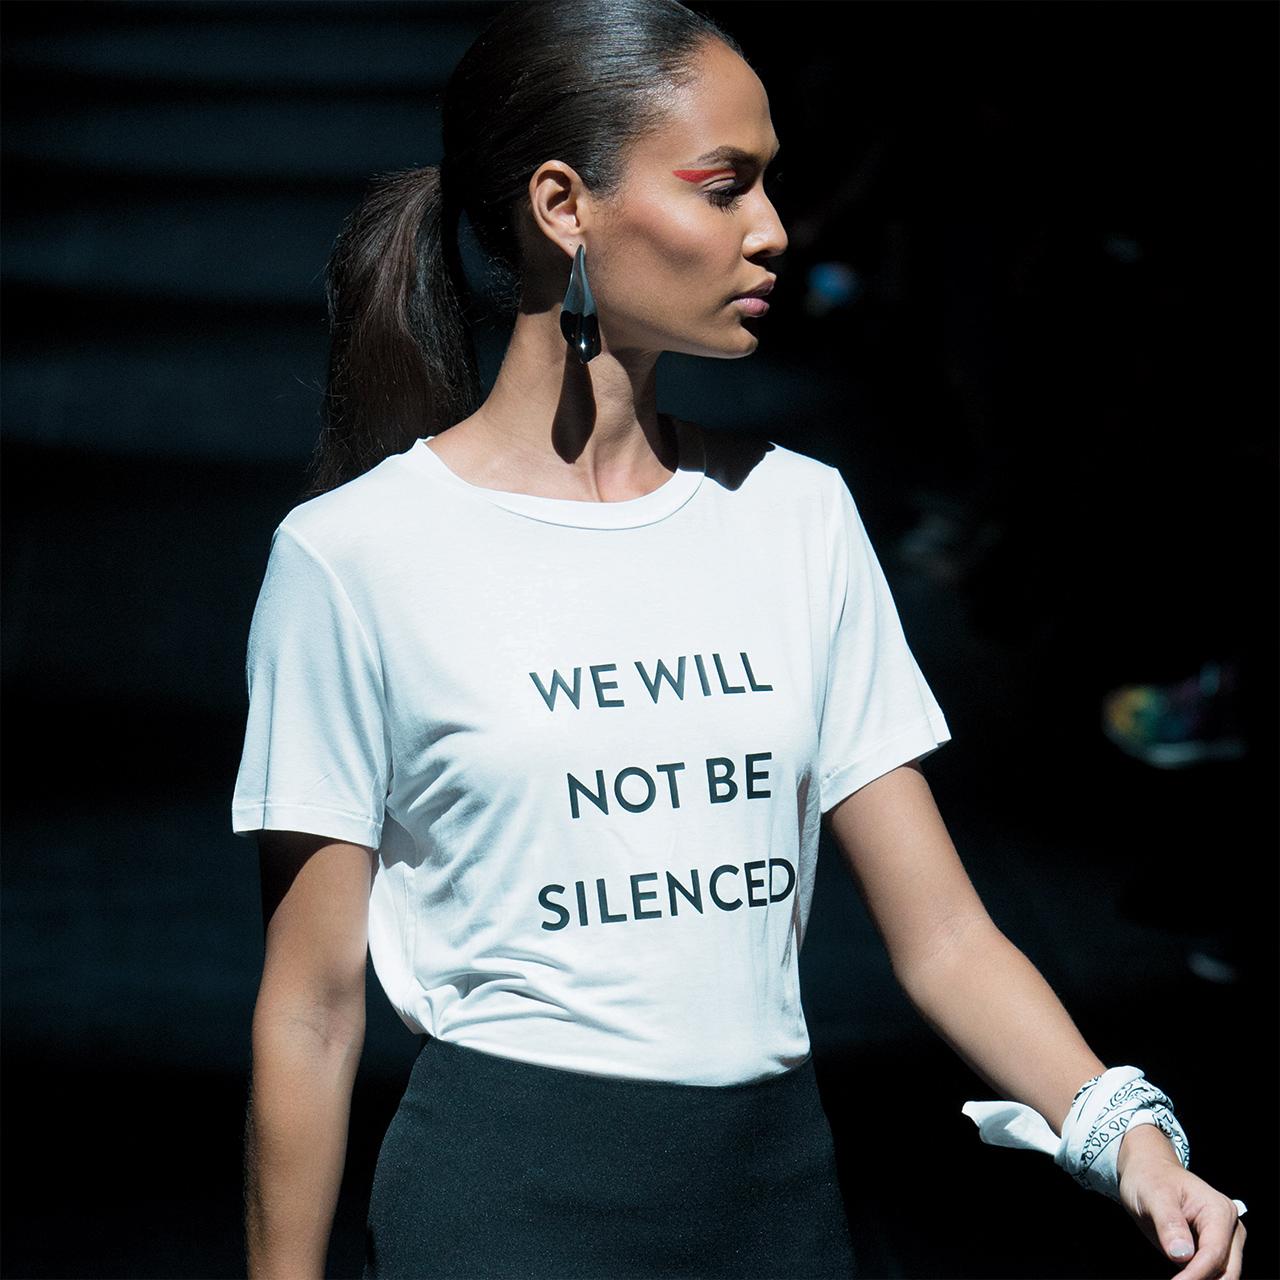 페미니즘적 문구를 담은 티셔츠로 피날레를 장식한 프루발 구룽